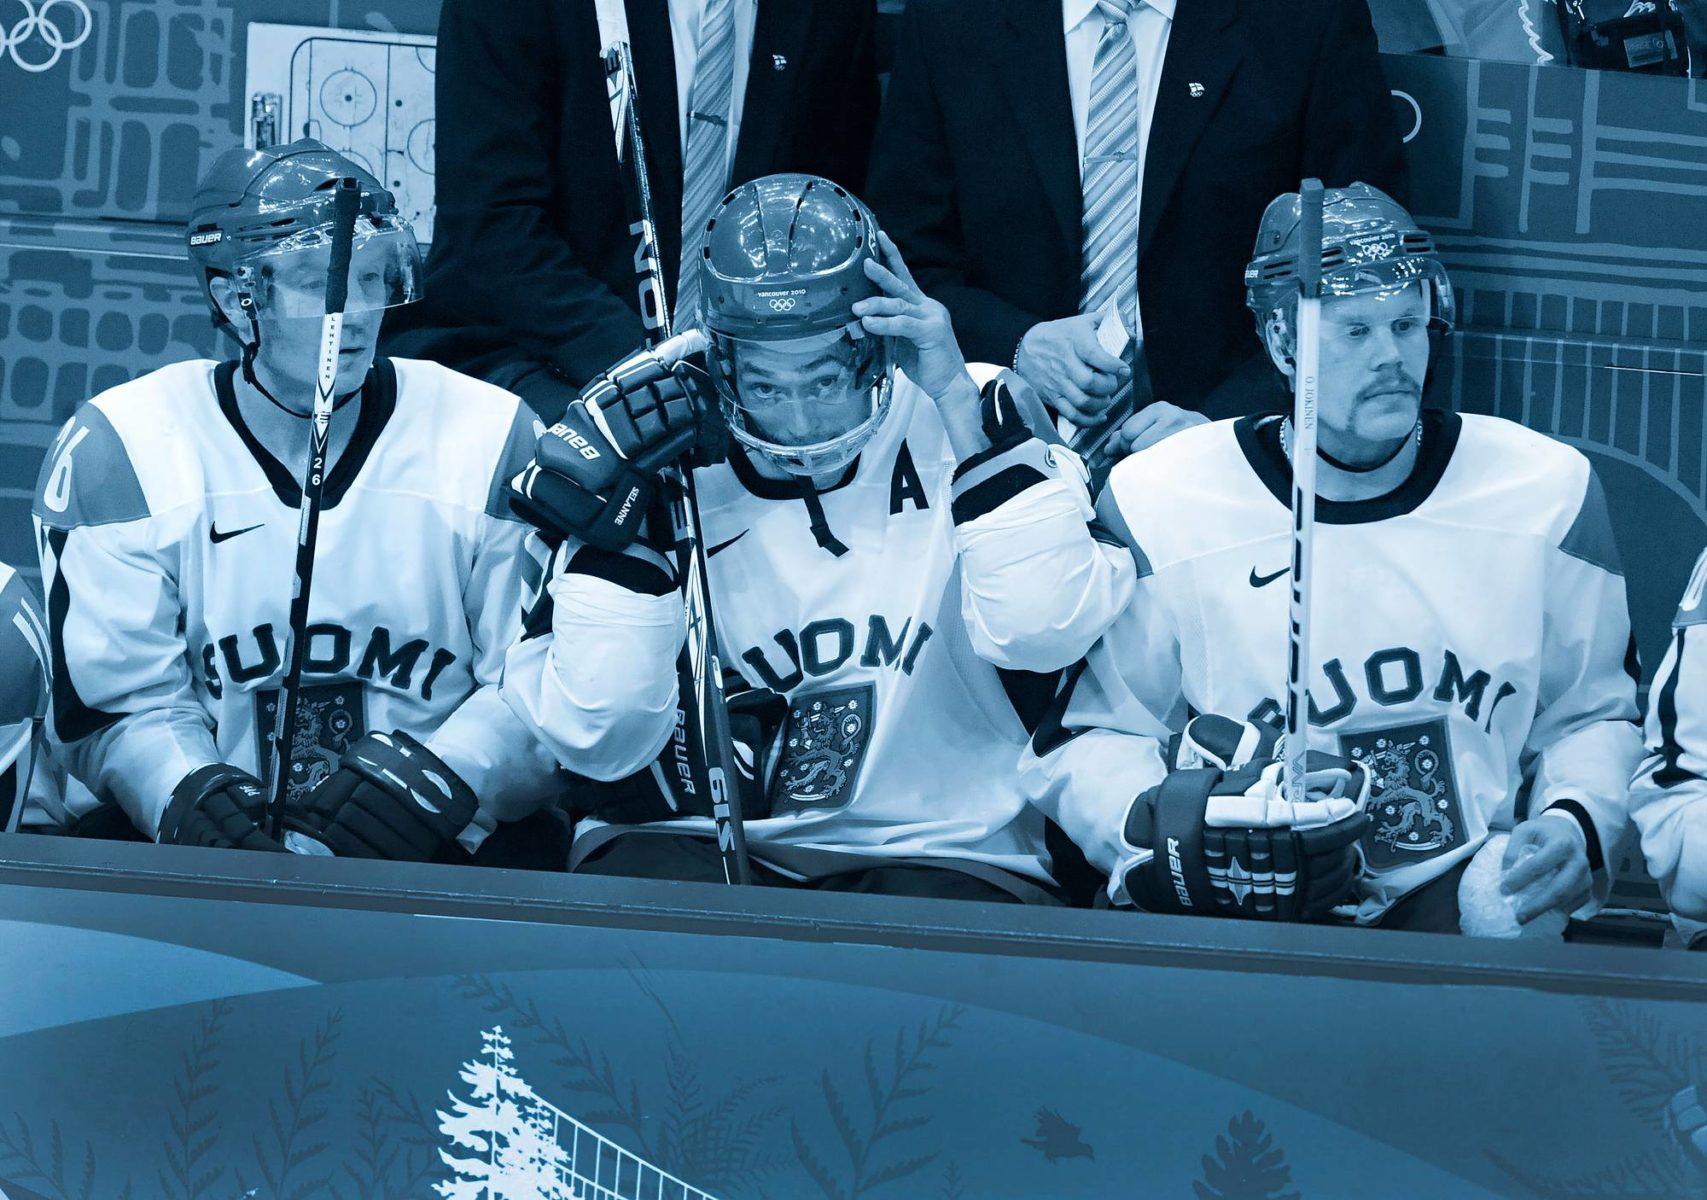 Jere Lehtinen, Teemu Selänne ja Olli Jokinen leijonapaidassa talviolympialaisissa Vancouverissa 2010.